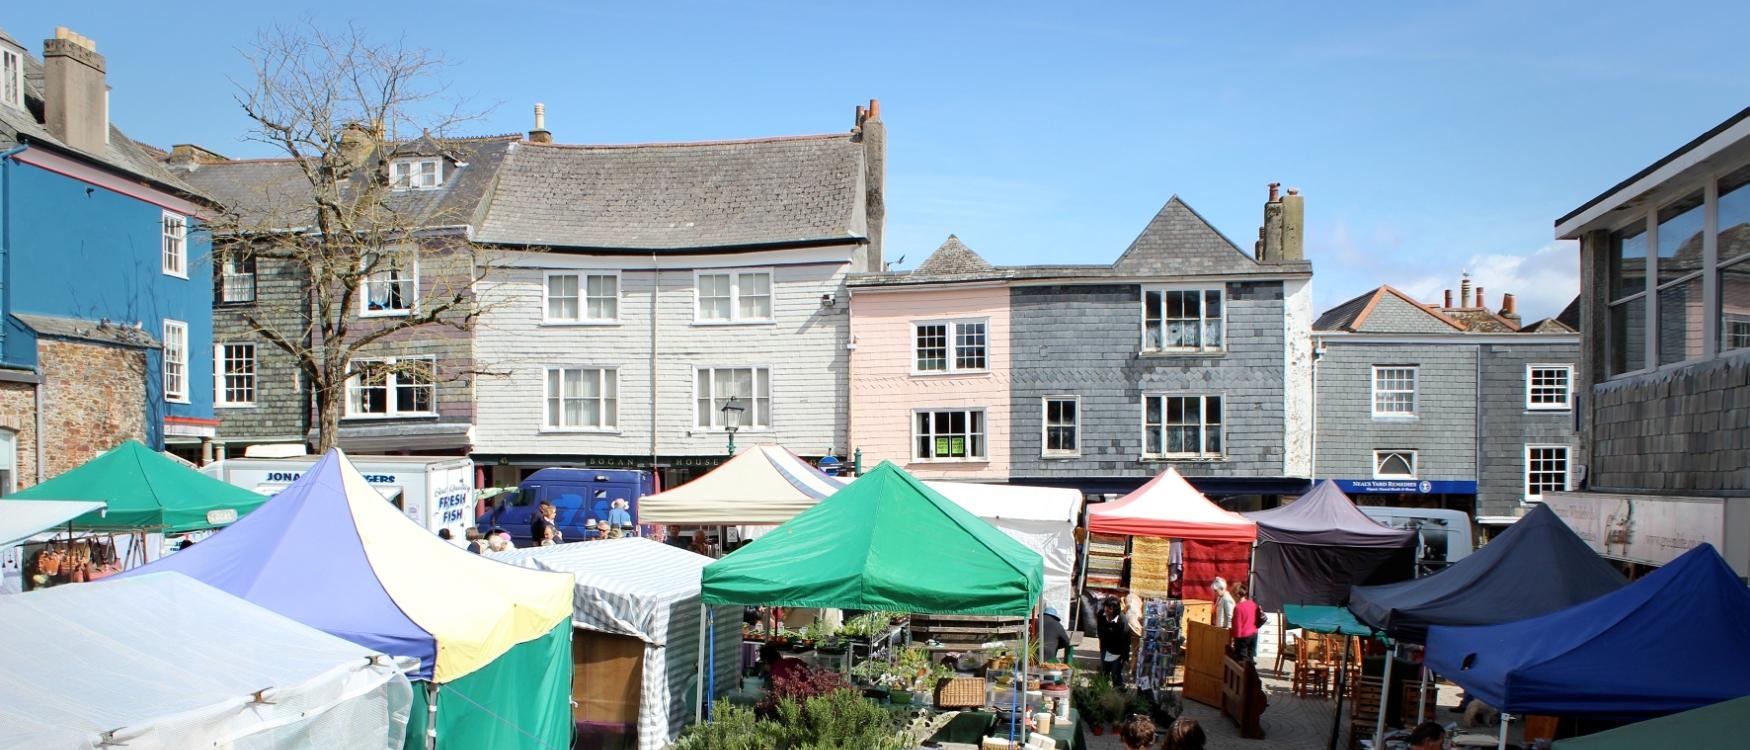 Topsham Community Market